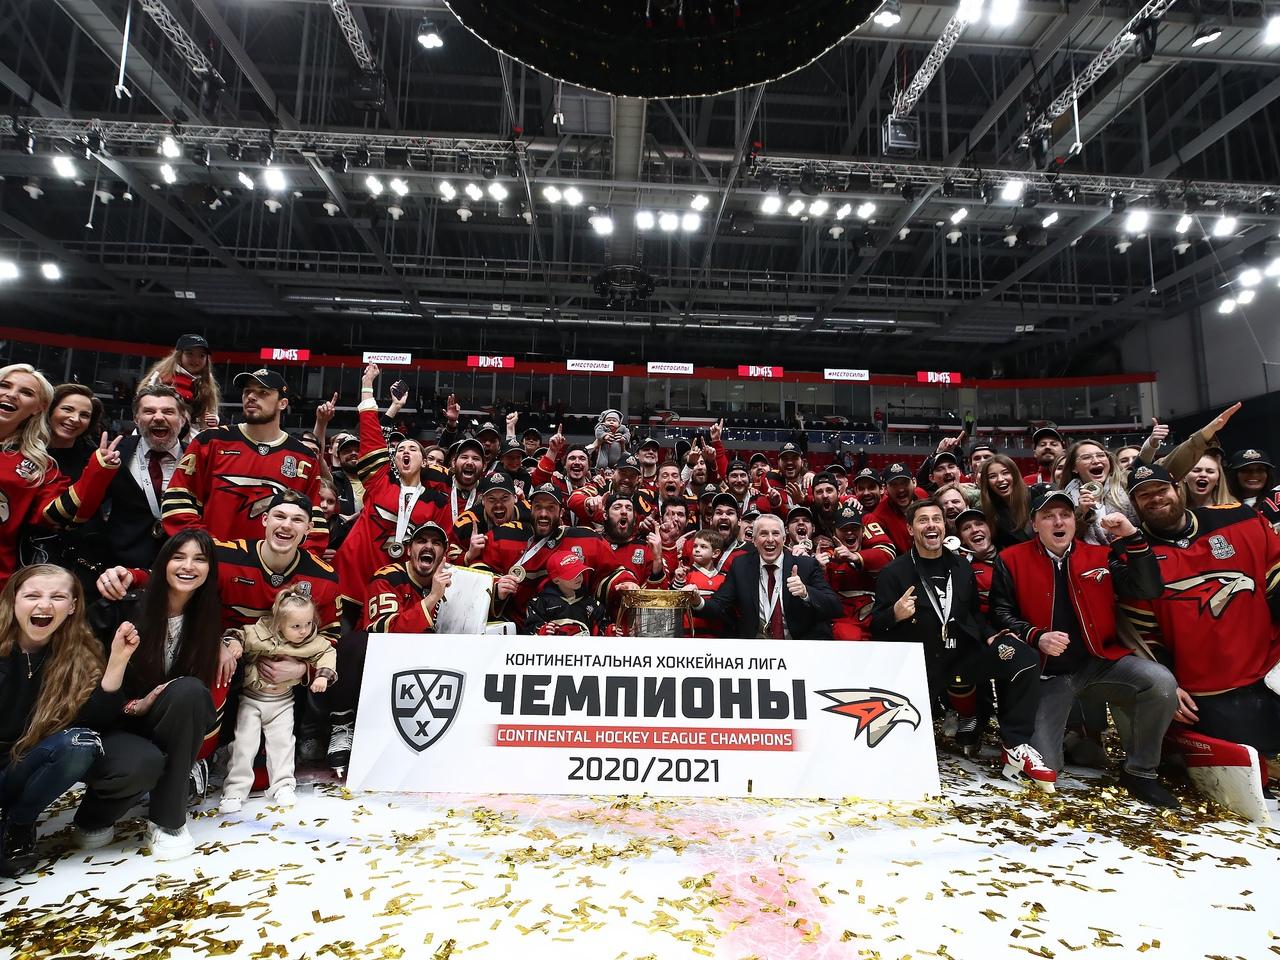 ПОЗДРАВЛЯЕМ!!! Омский «Авангард» — чемпион Континентальной хоккейной лиги!